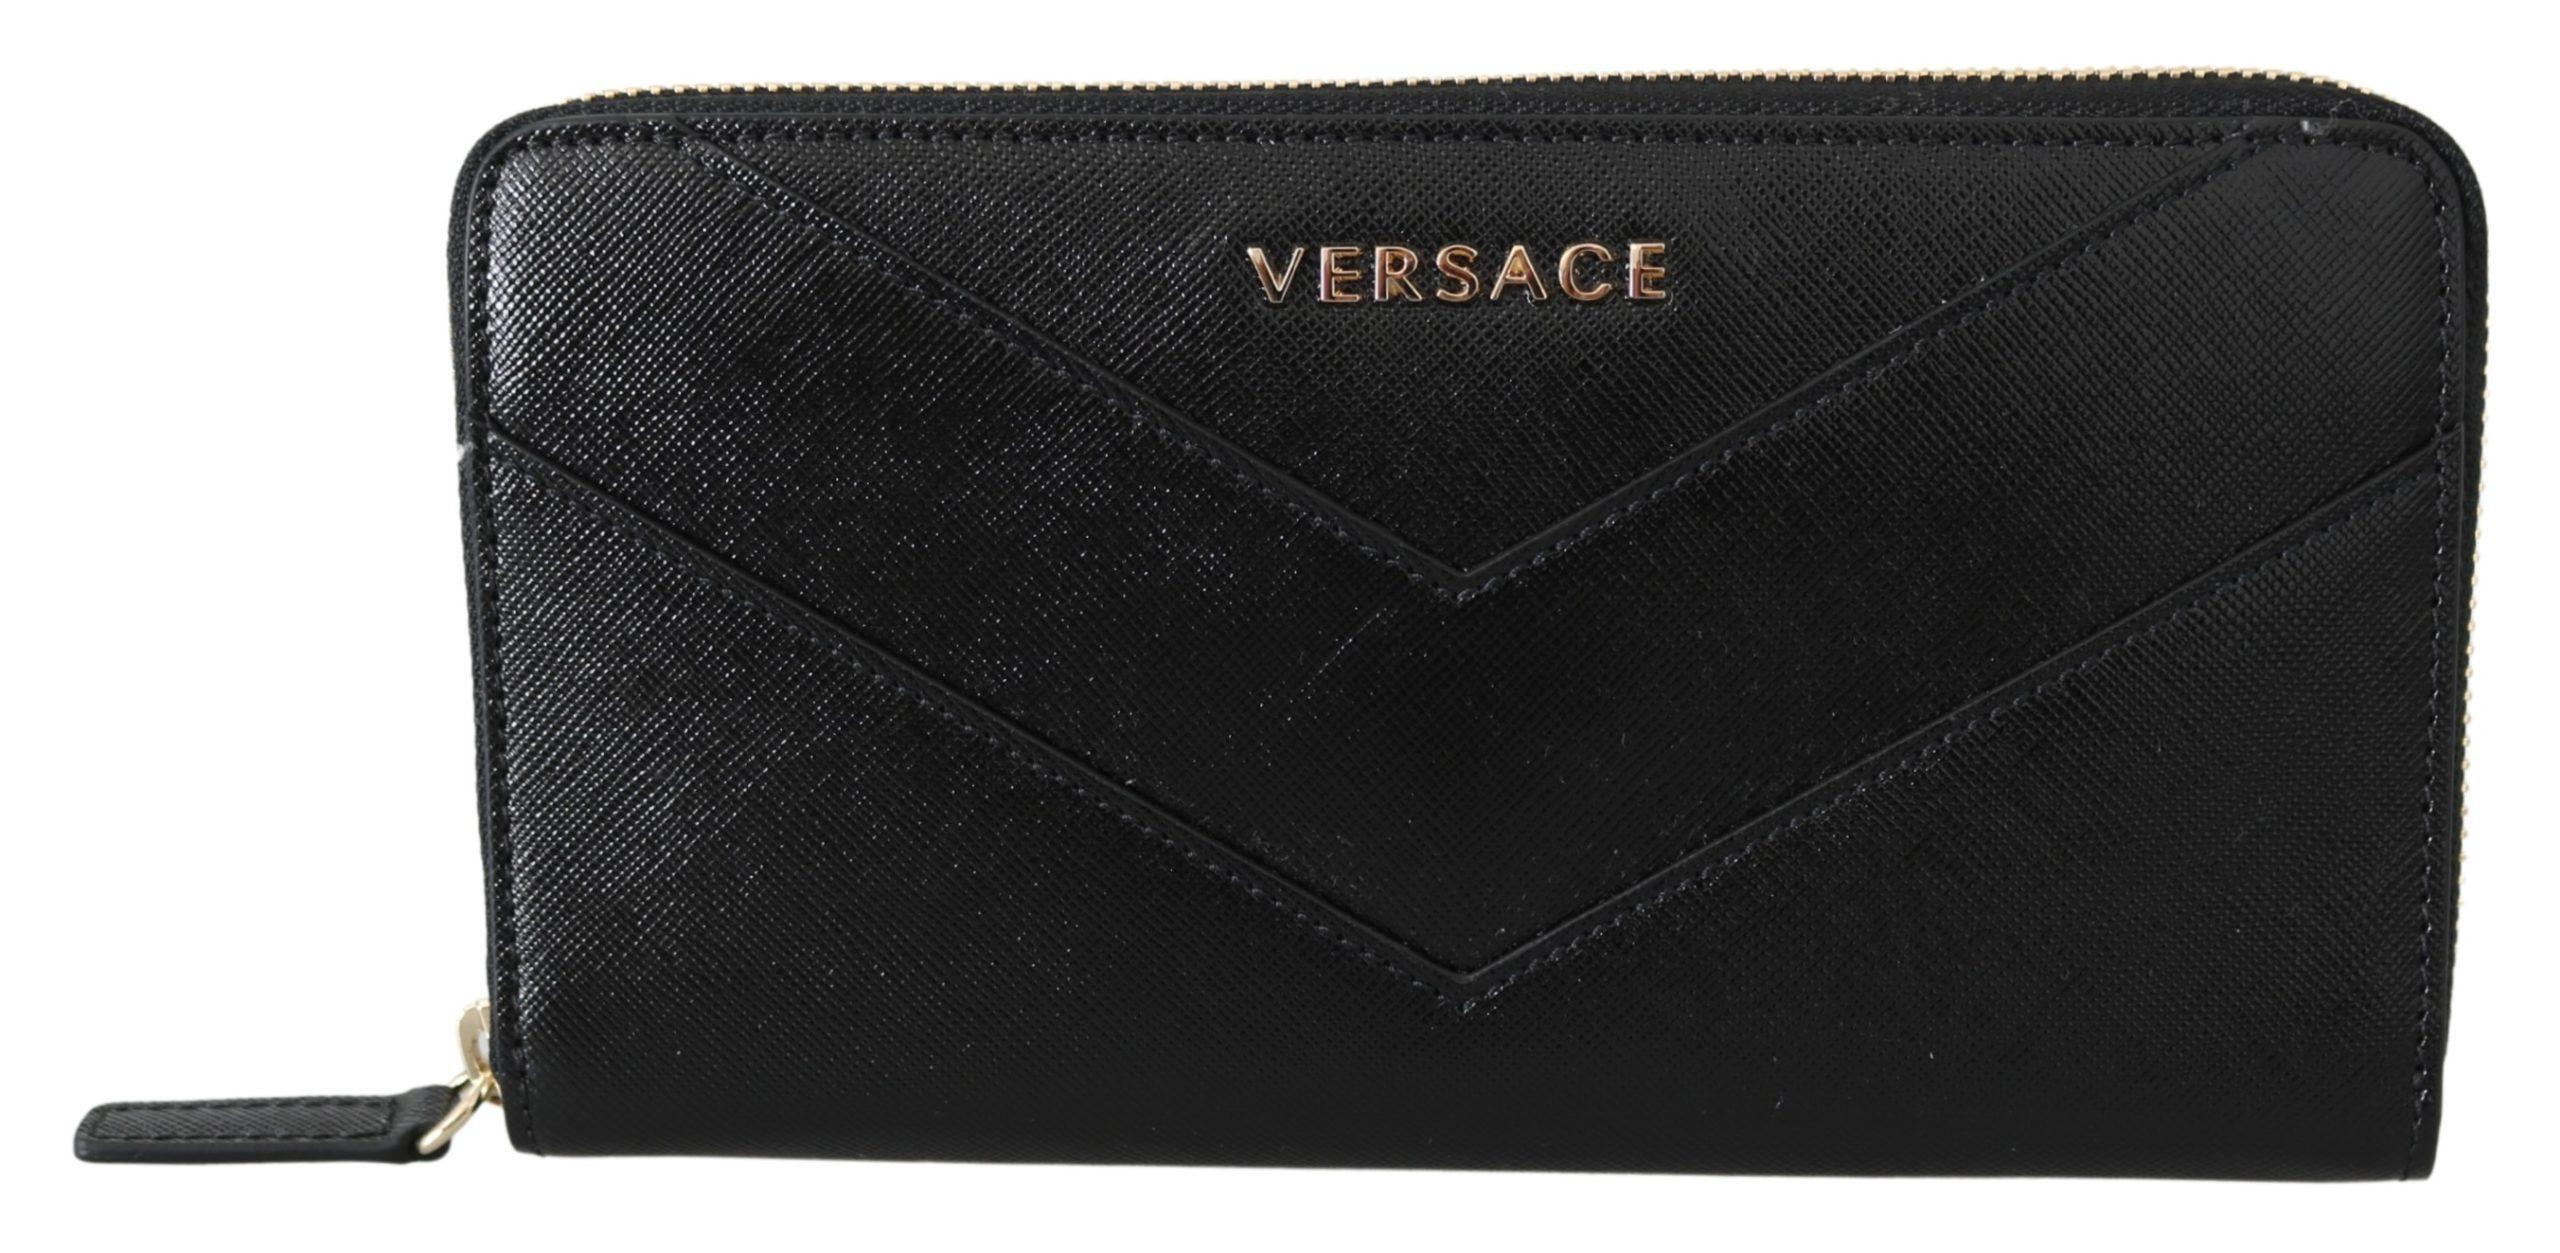 Versace Women's Zip Around Leather Wallet Black 8053850421244